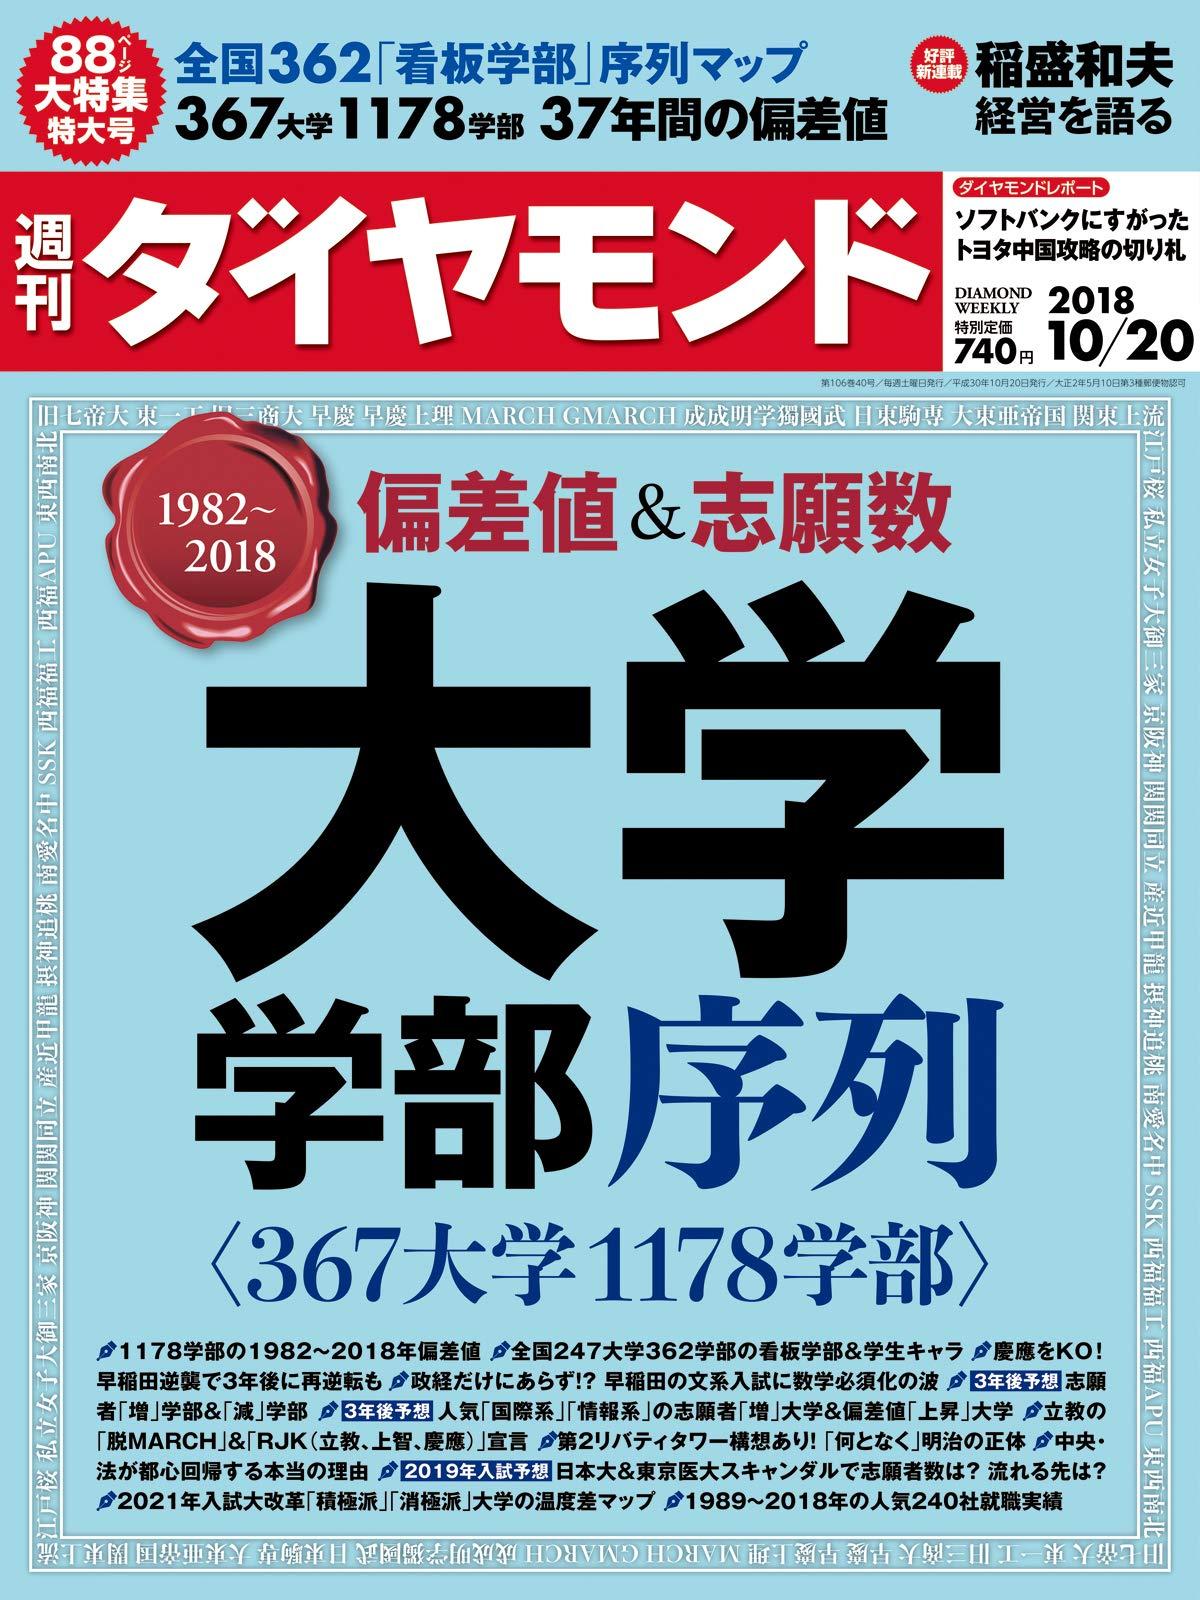 神奈川 大学 法学部 偏差 値